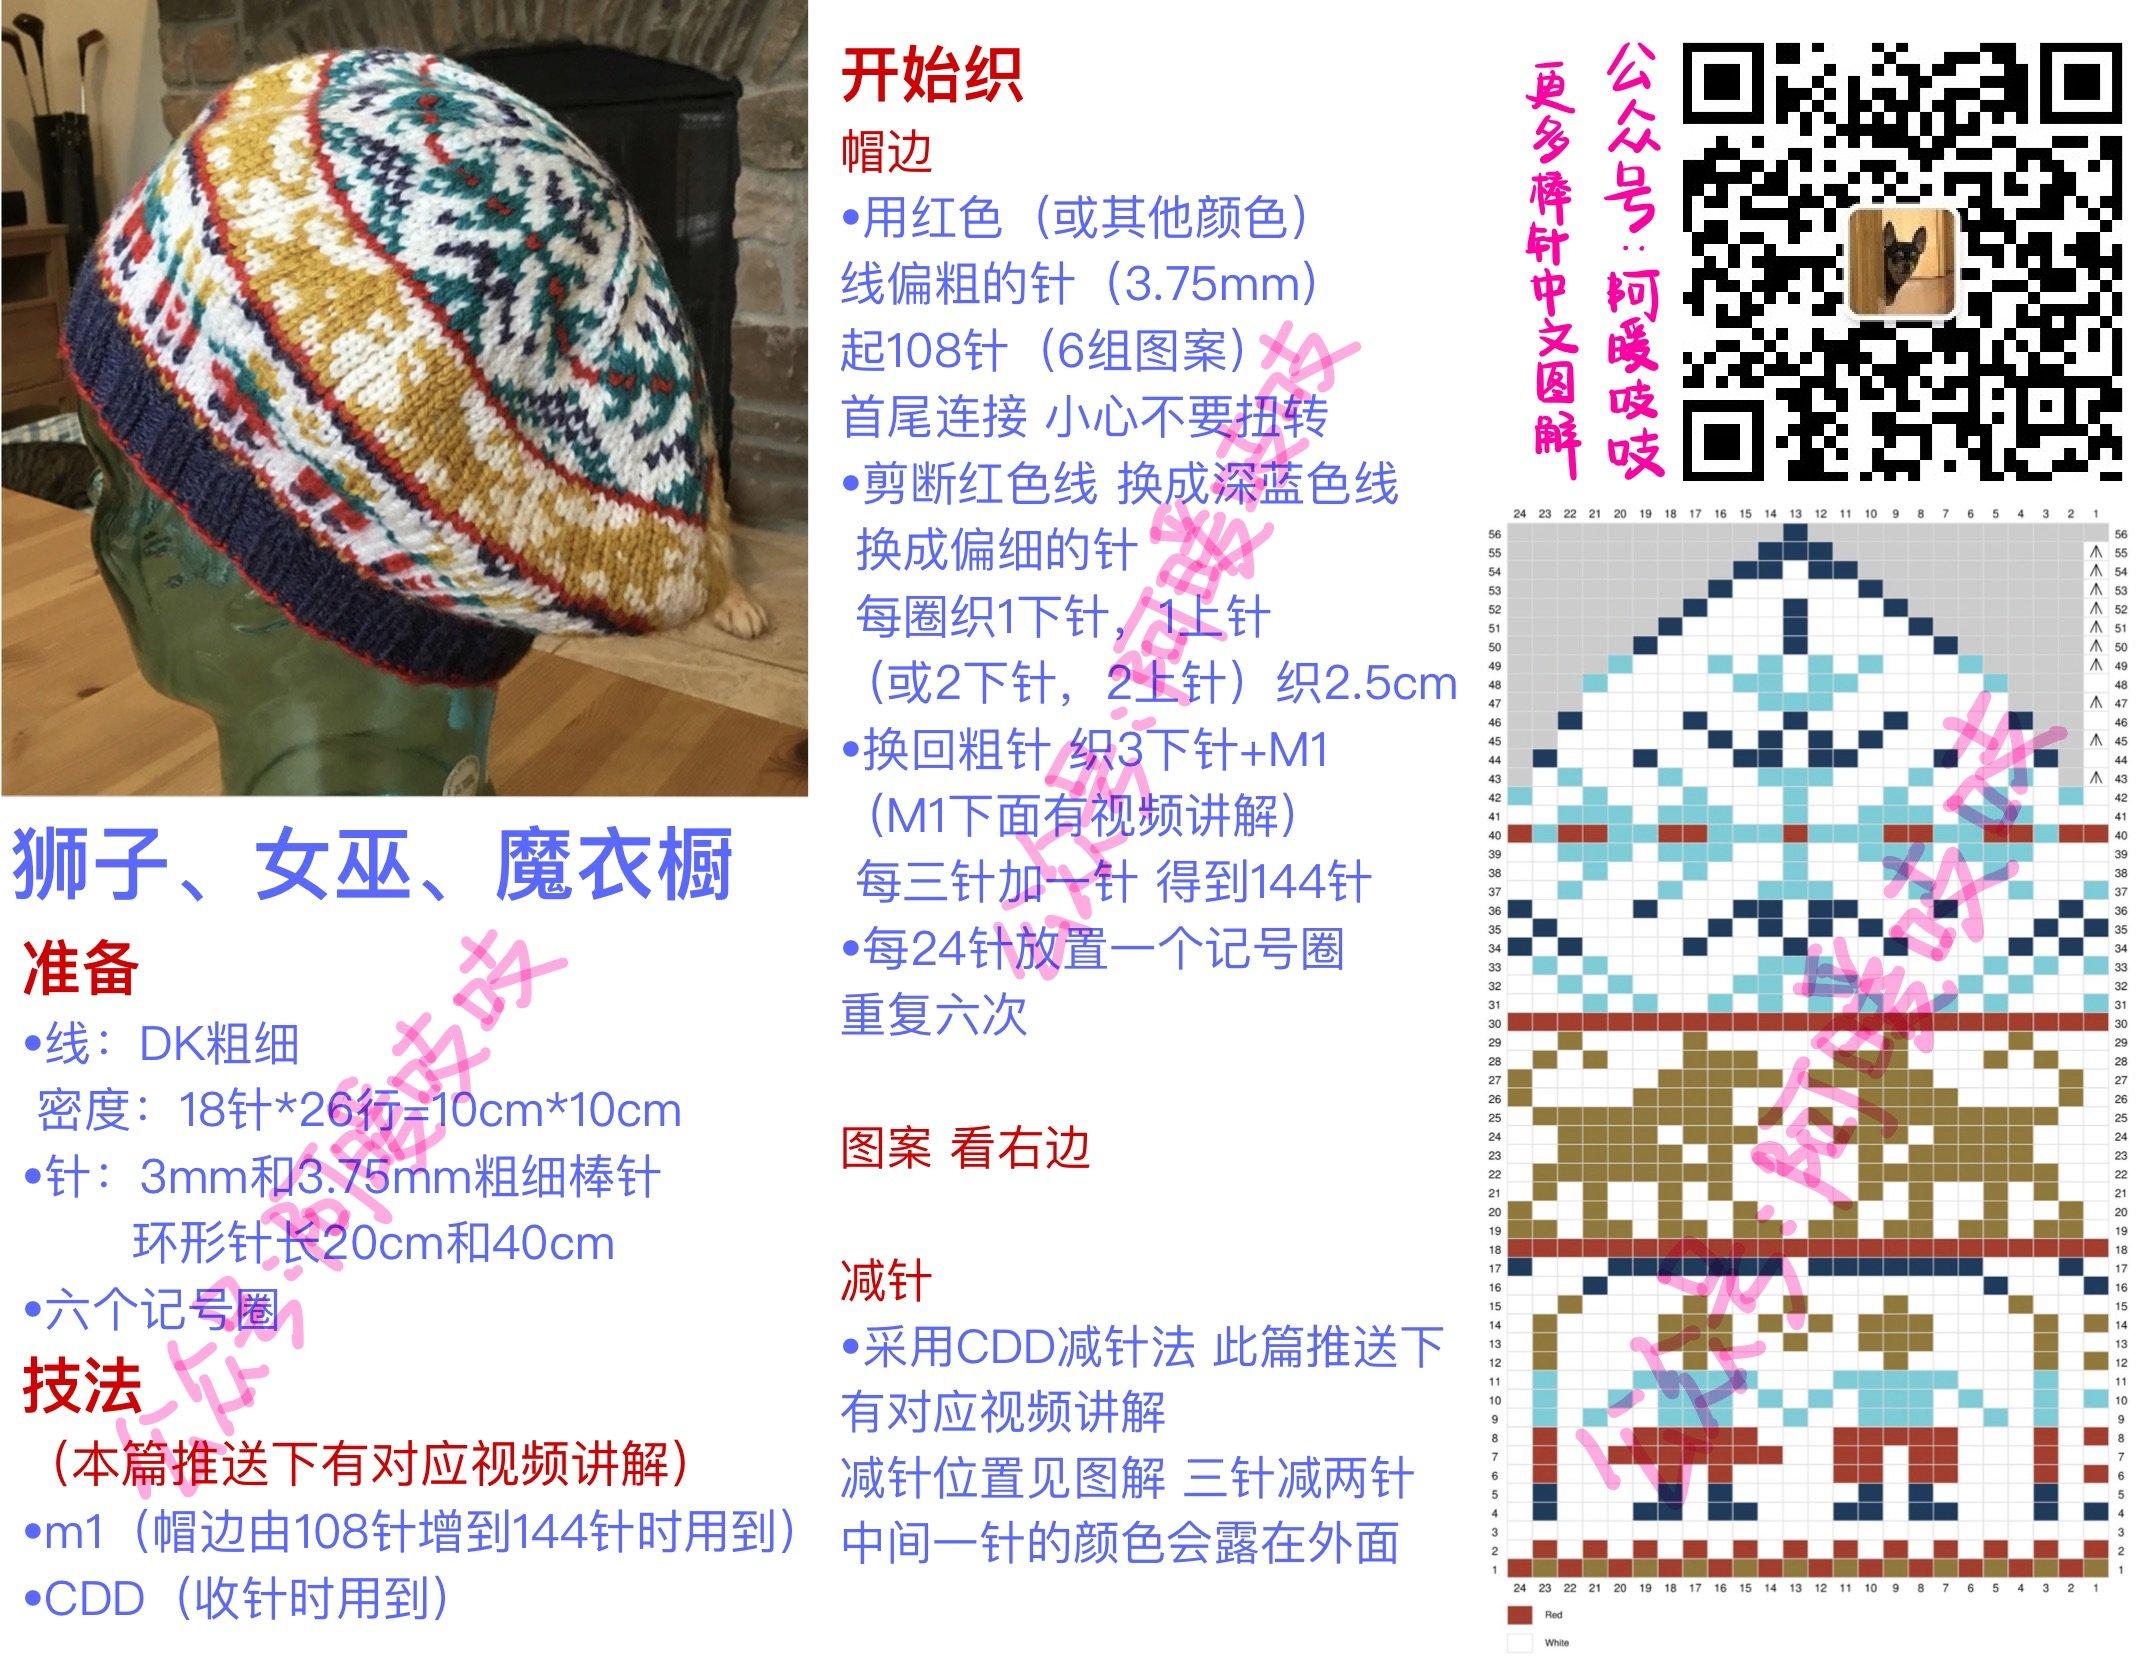 45B27964-207B-405A-BCF4-397D5FC0290D.jpeg